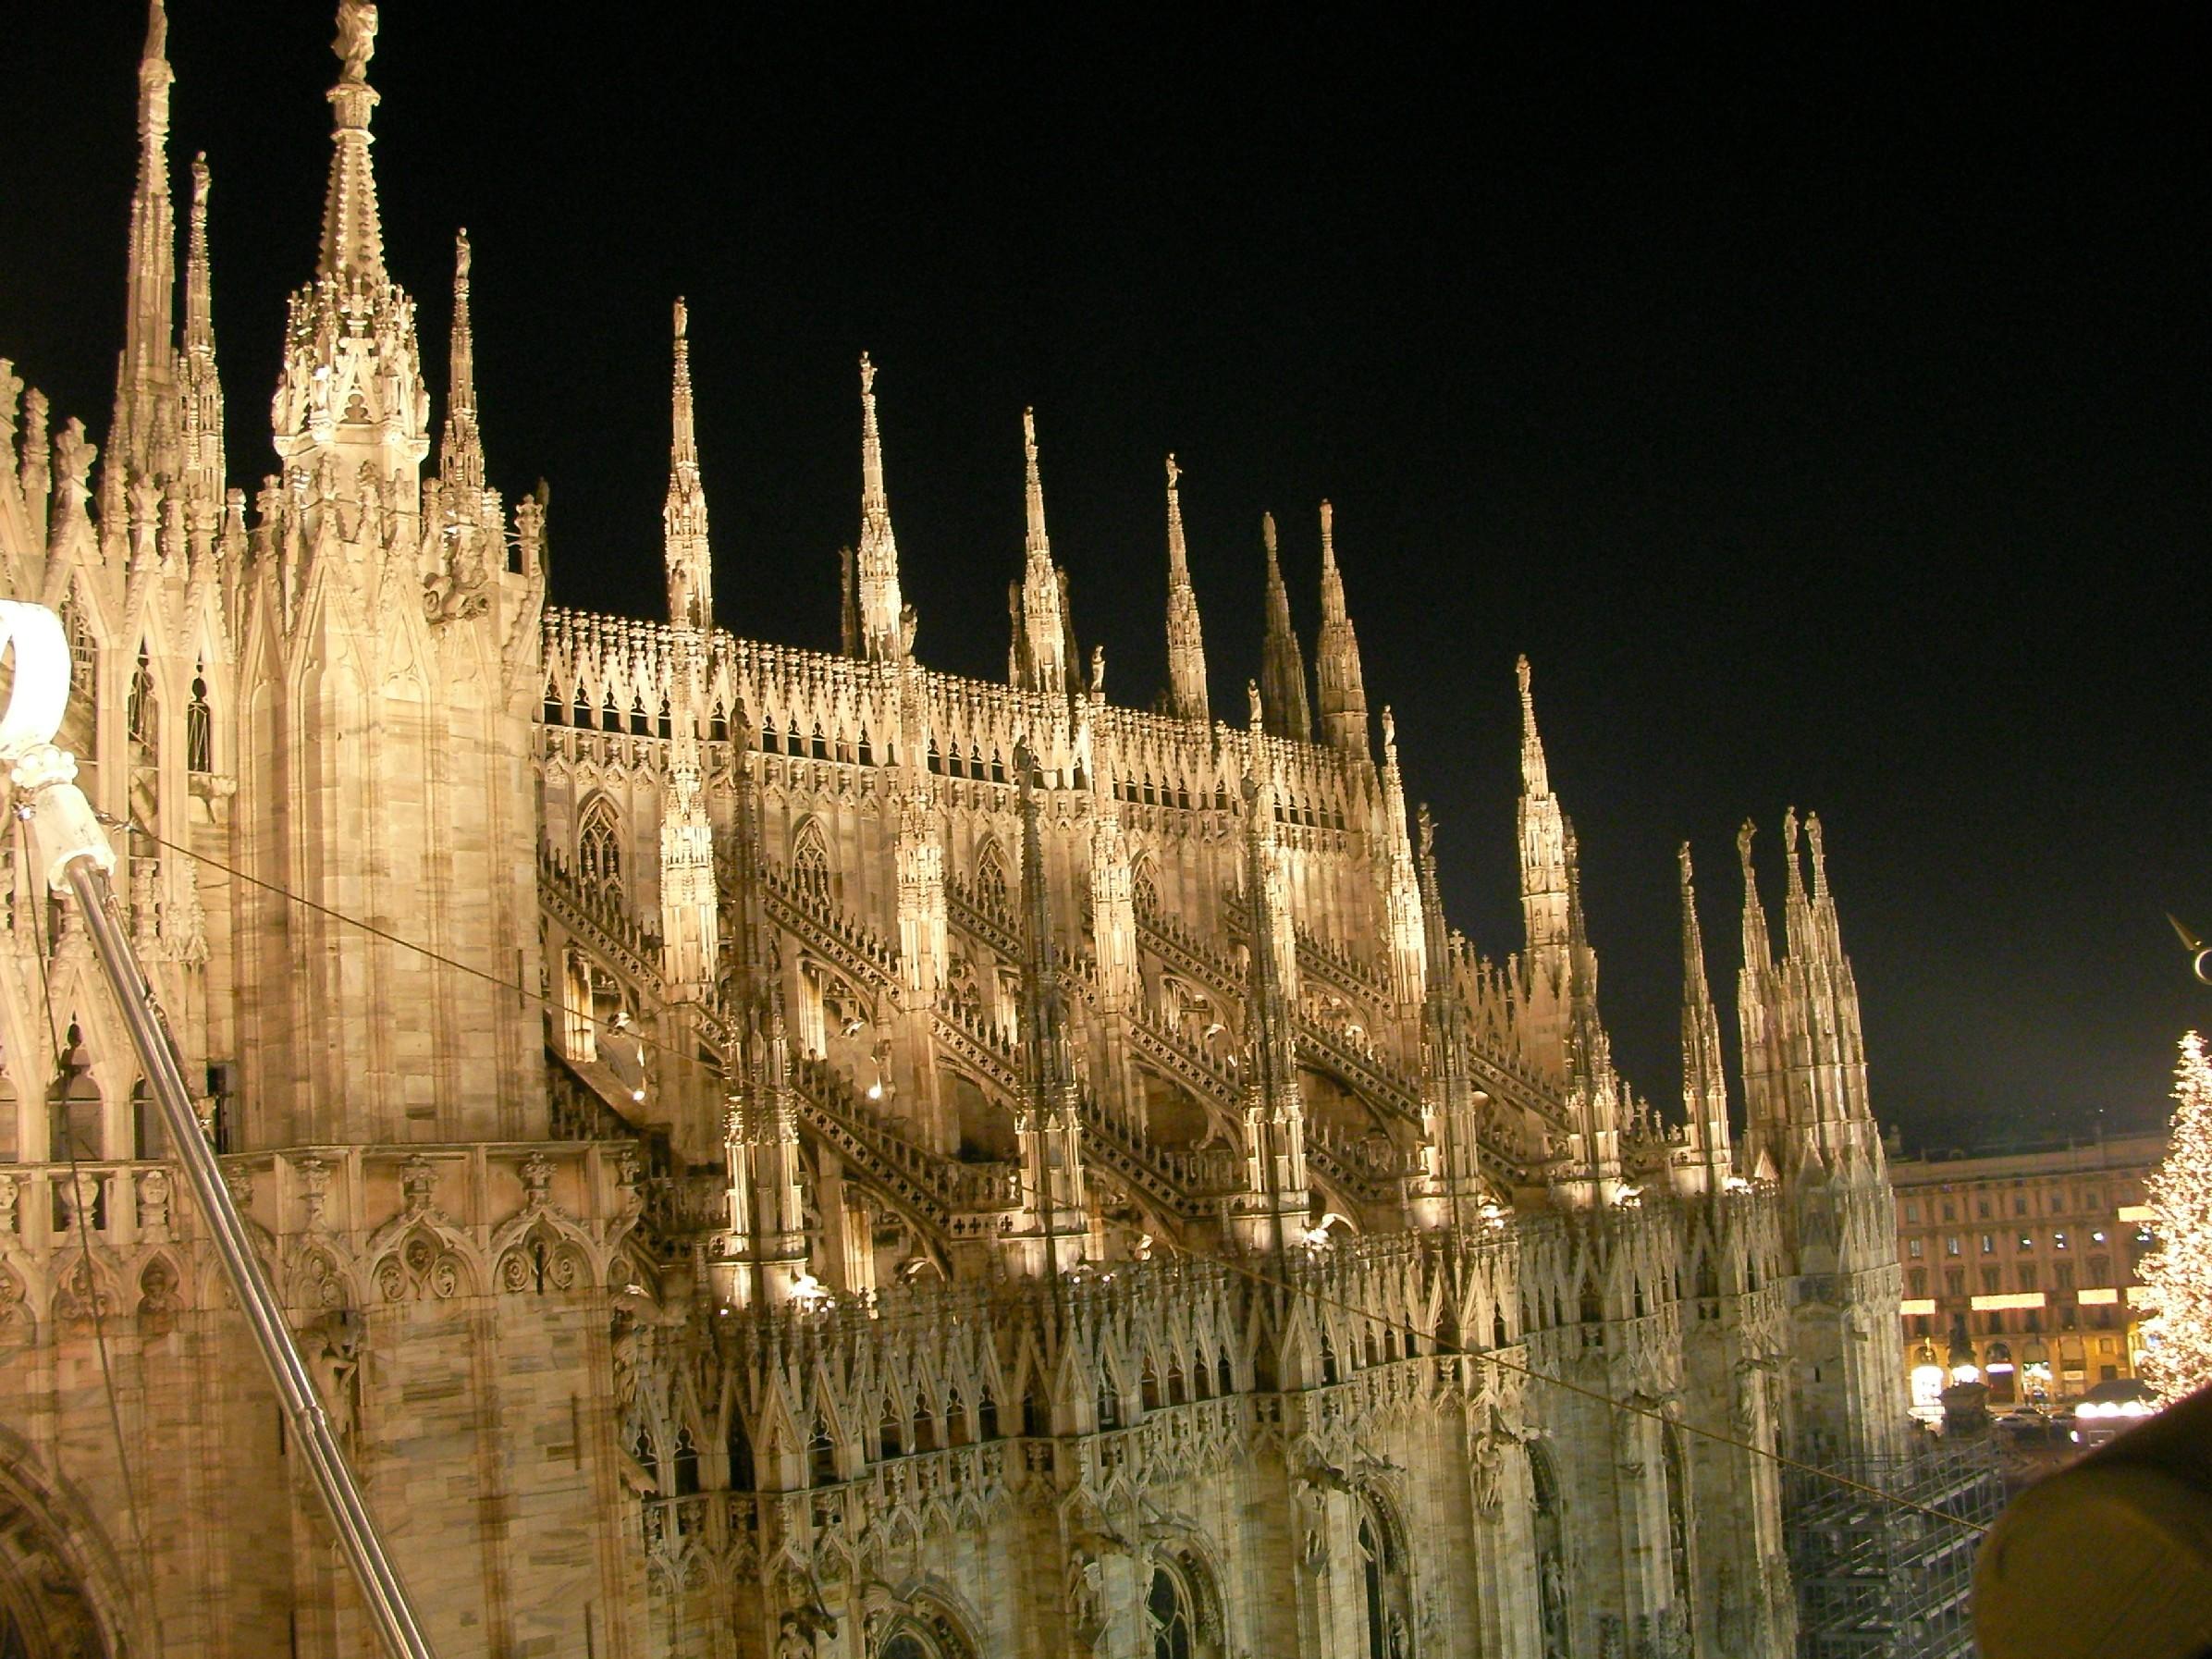 LA CITTA' DI MILANO e l'arte 27 aprile 2017